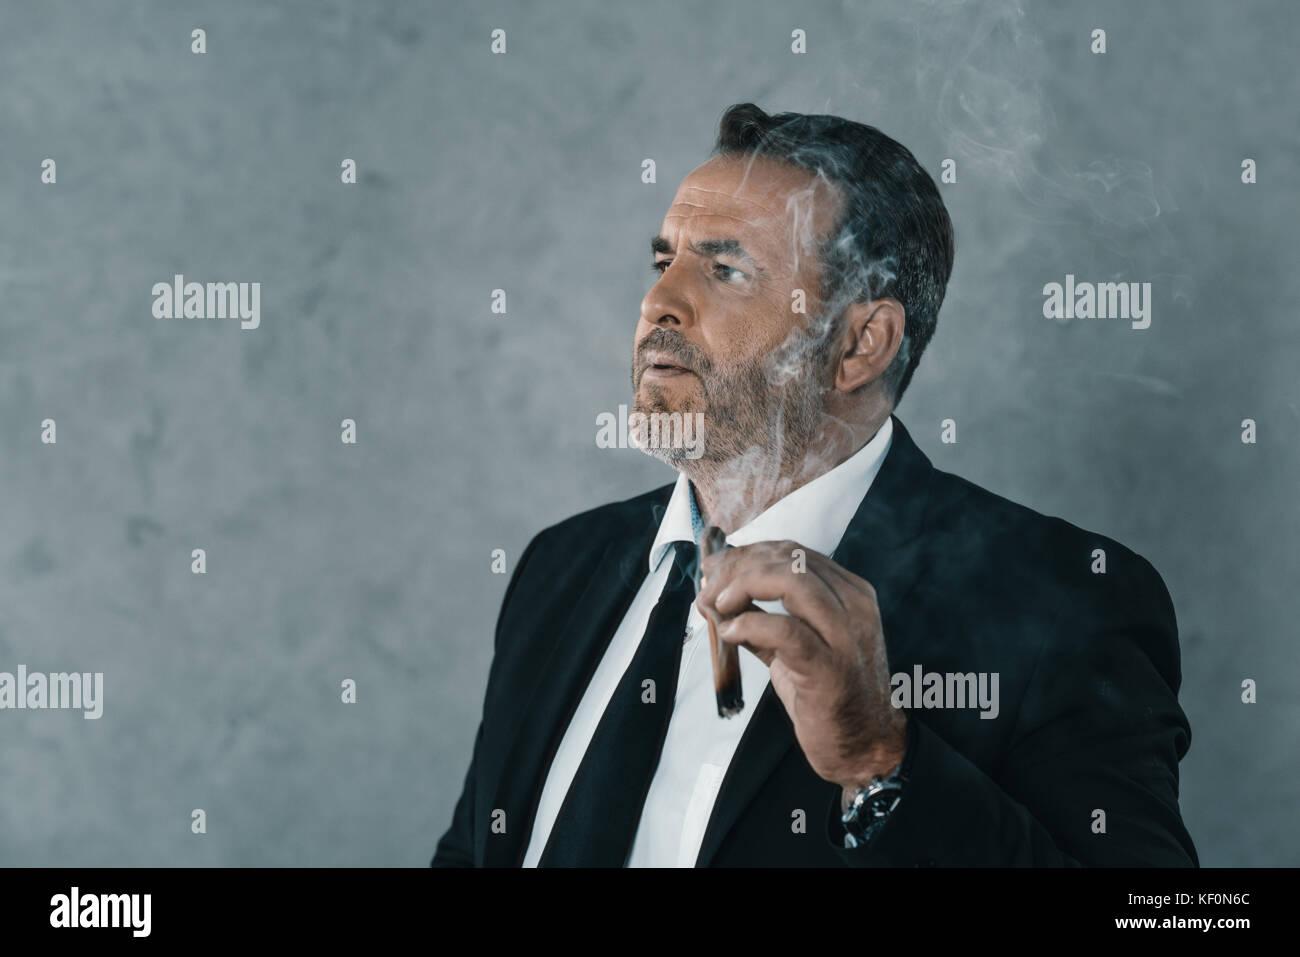 Businessman Smoking Cigar Stock Photos & Businessman